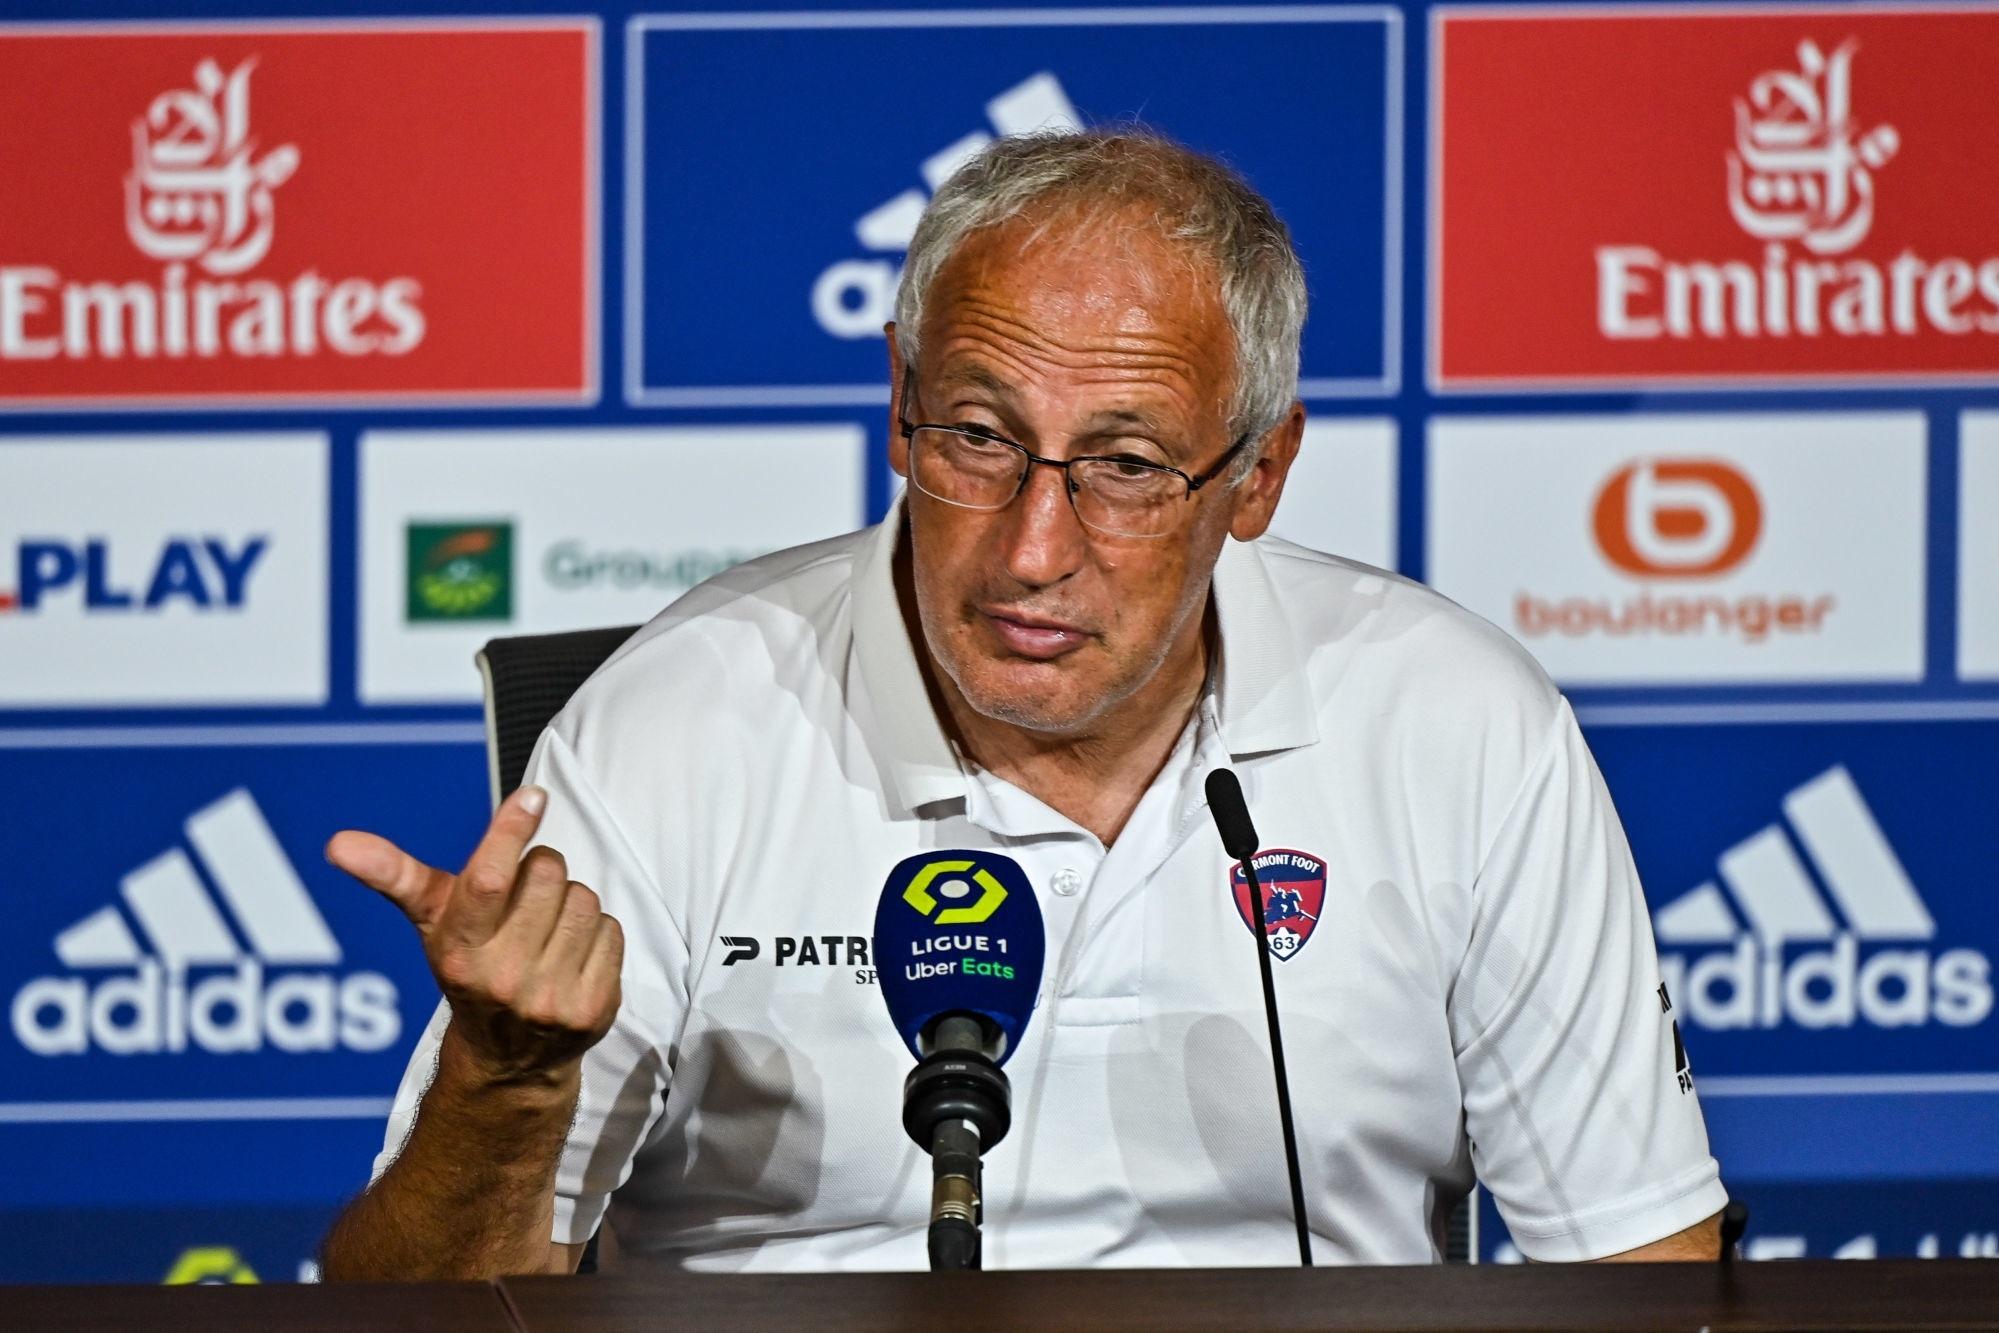 """PSG/Clermont - Gastien remercie Paris pour ses stars et pense à """"gagner"""" en jouant"""